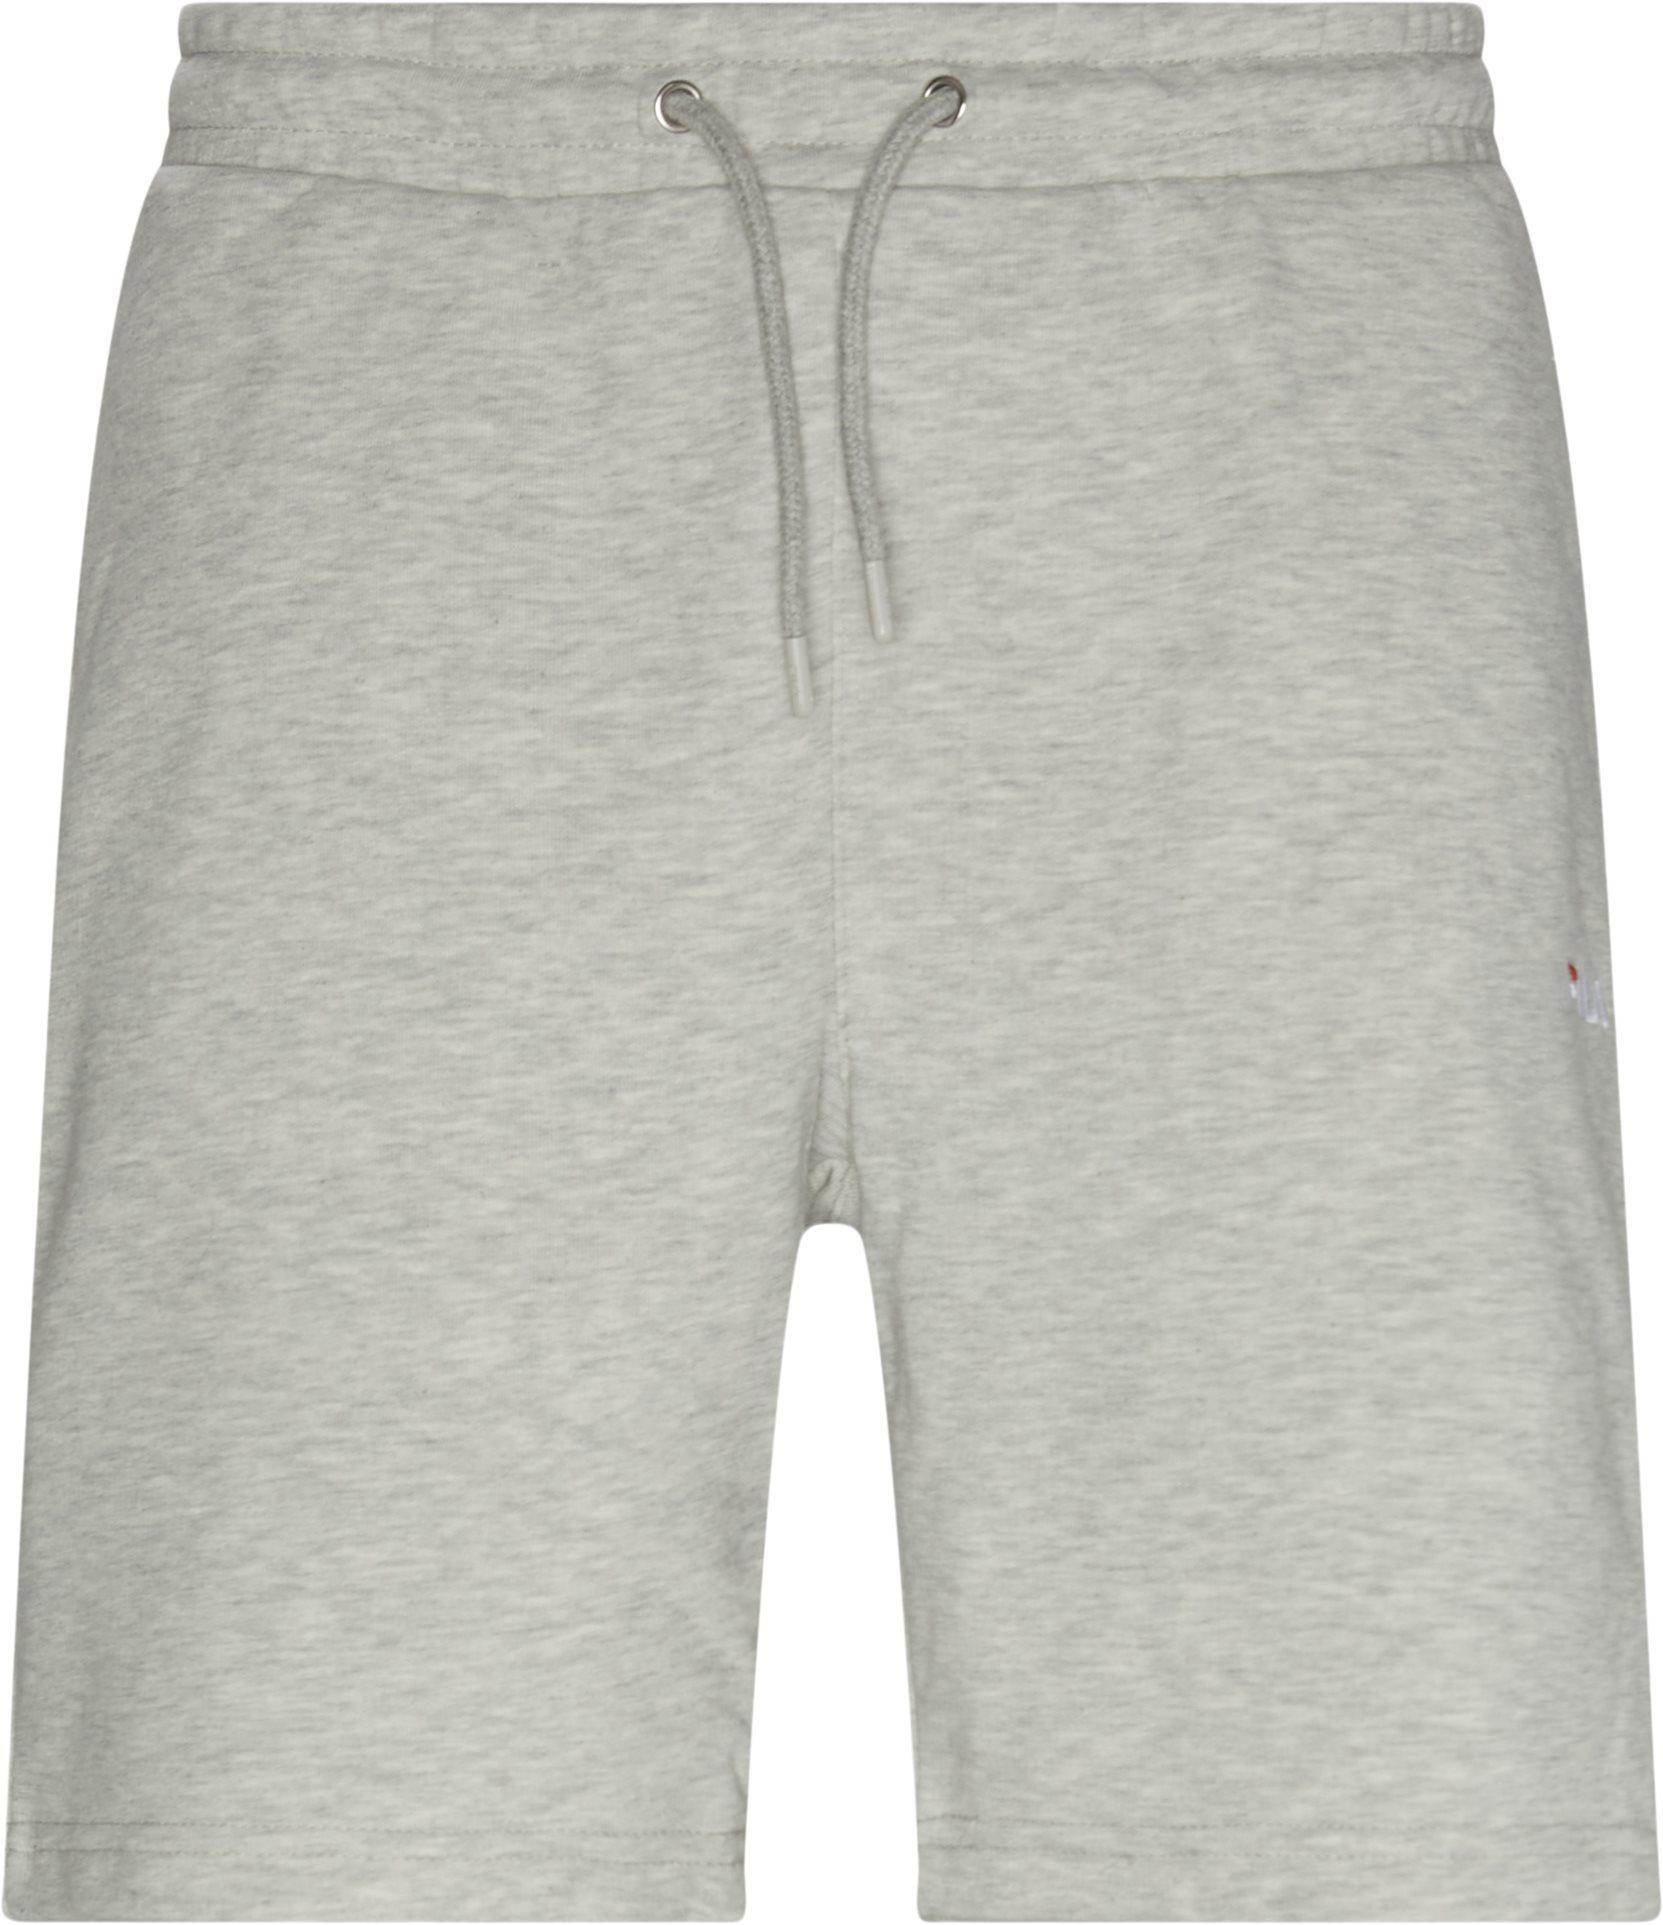 Eldon Sweatshorts - Shorts - Regular fit - Grå